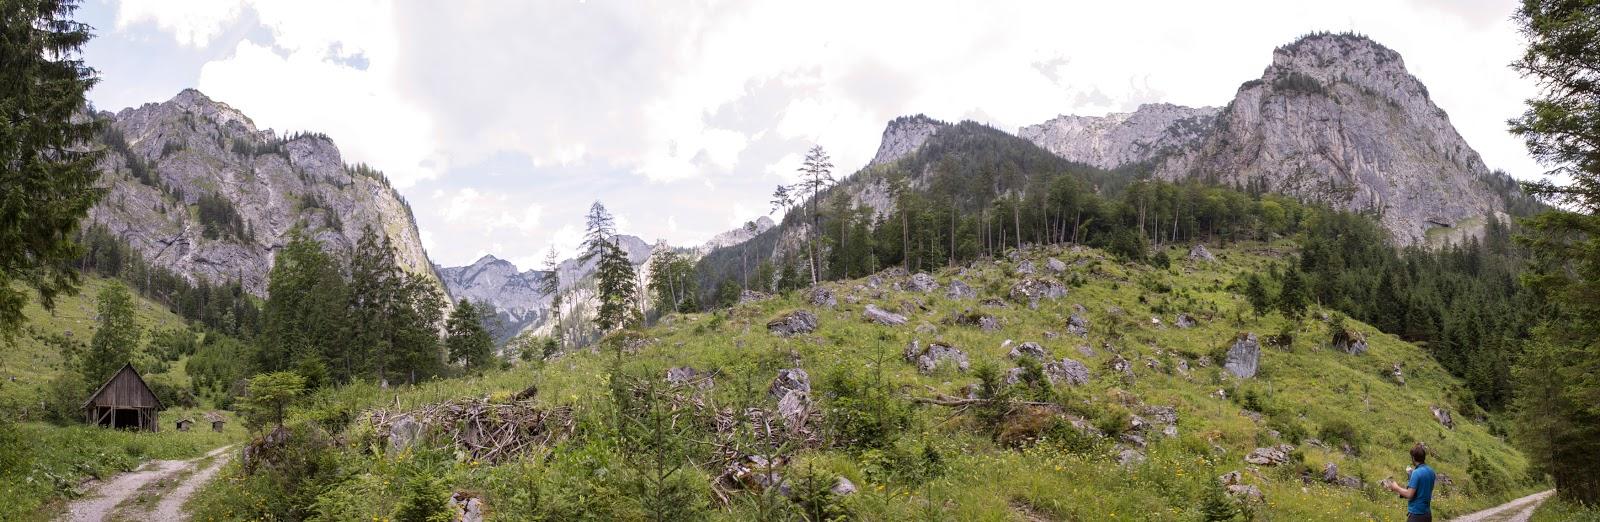 Zweitägige Wanderung von der Gsollkehre in Eisenerz über die Gsollalm zum Brandstein und weiter über Fobisalm und Hinterseeau zum Leopoldsteinersee - Seeau